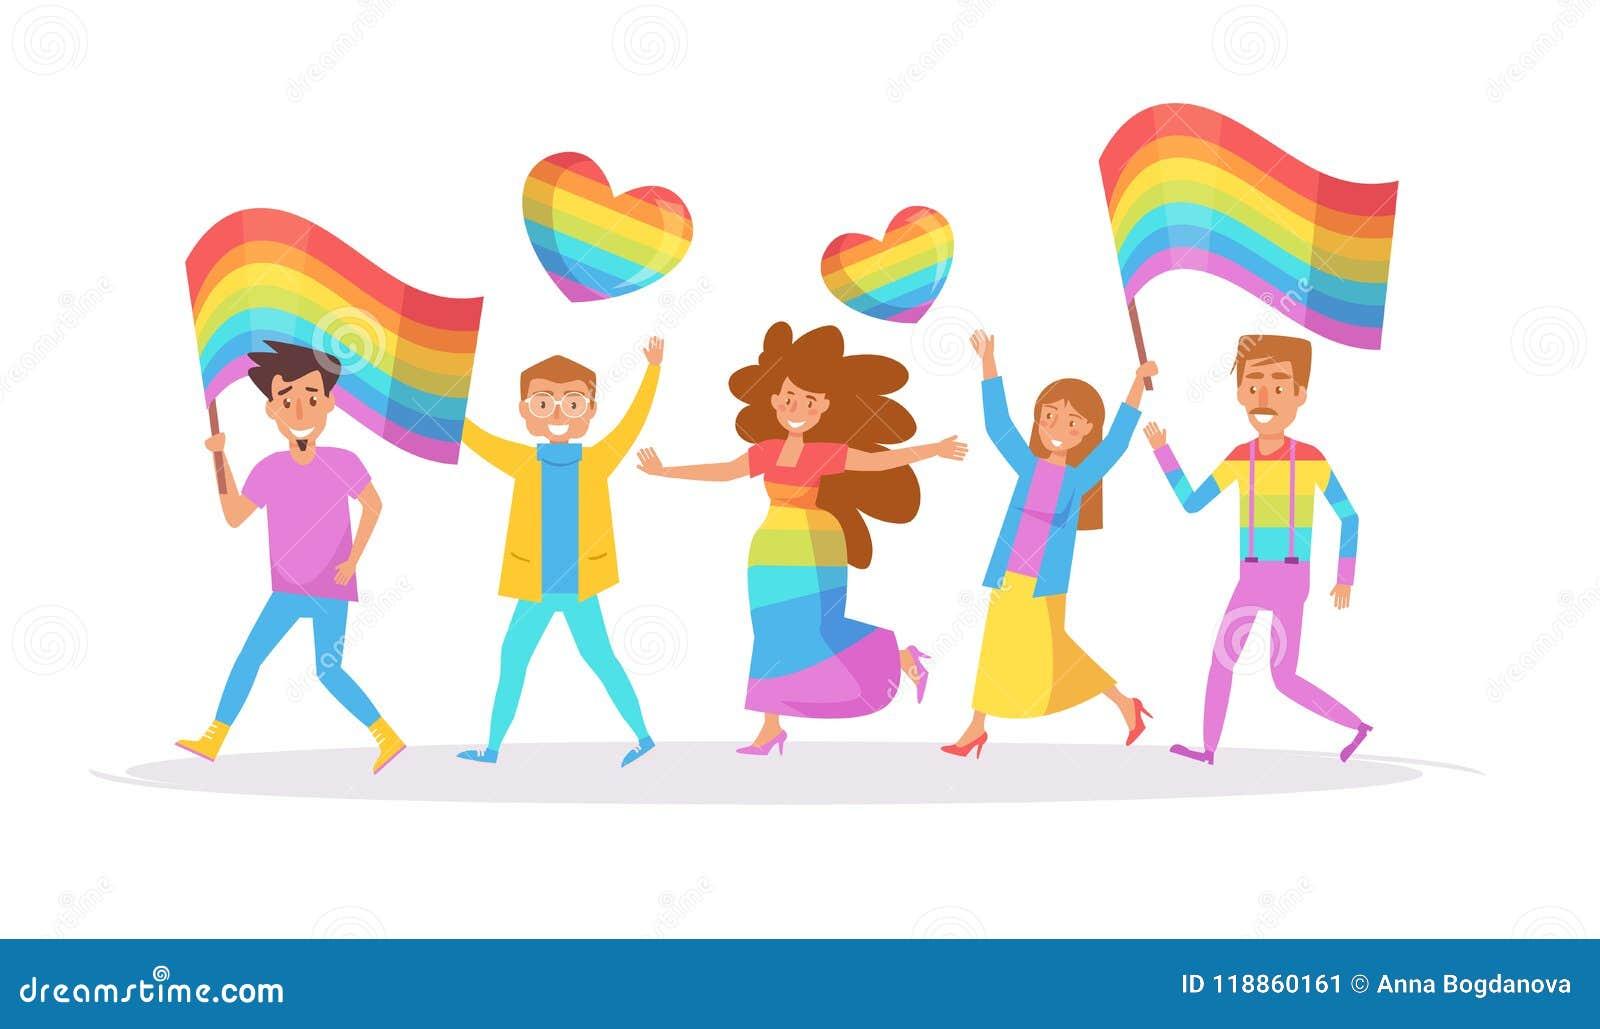 Парад LGBTQ вектор